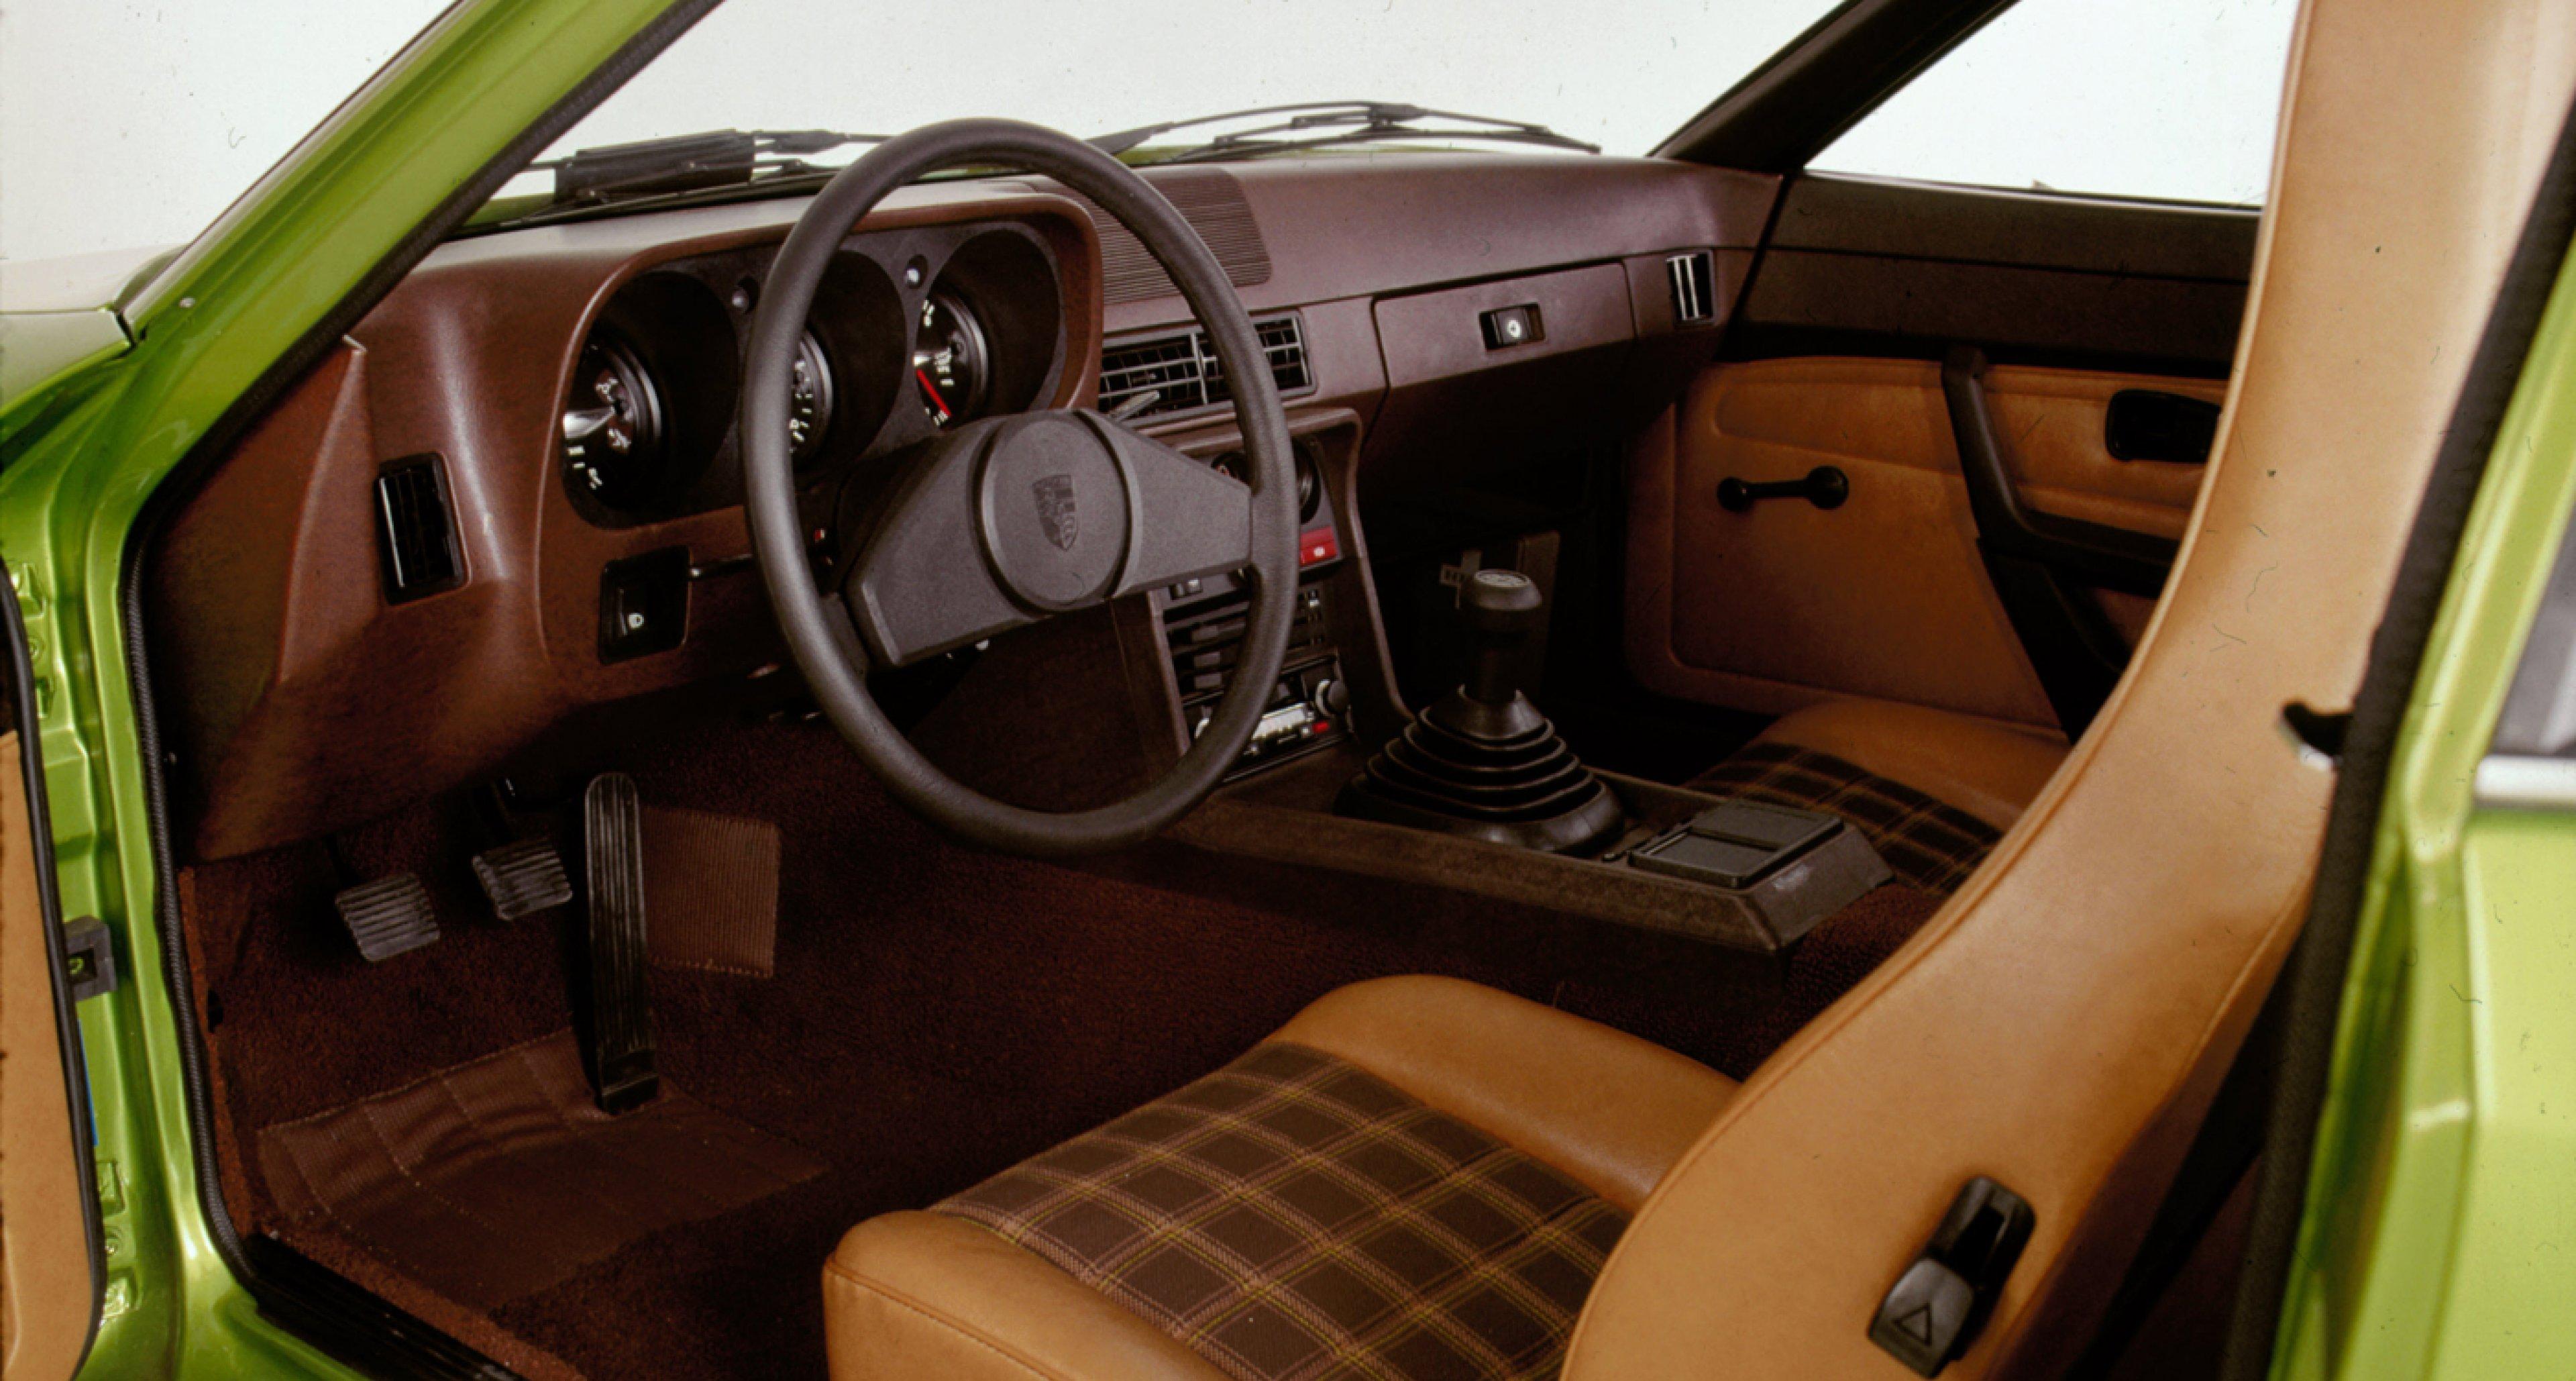 Interior of a 1976 Porsche 924.